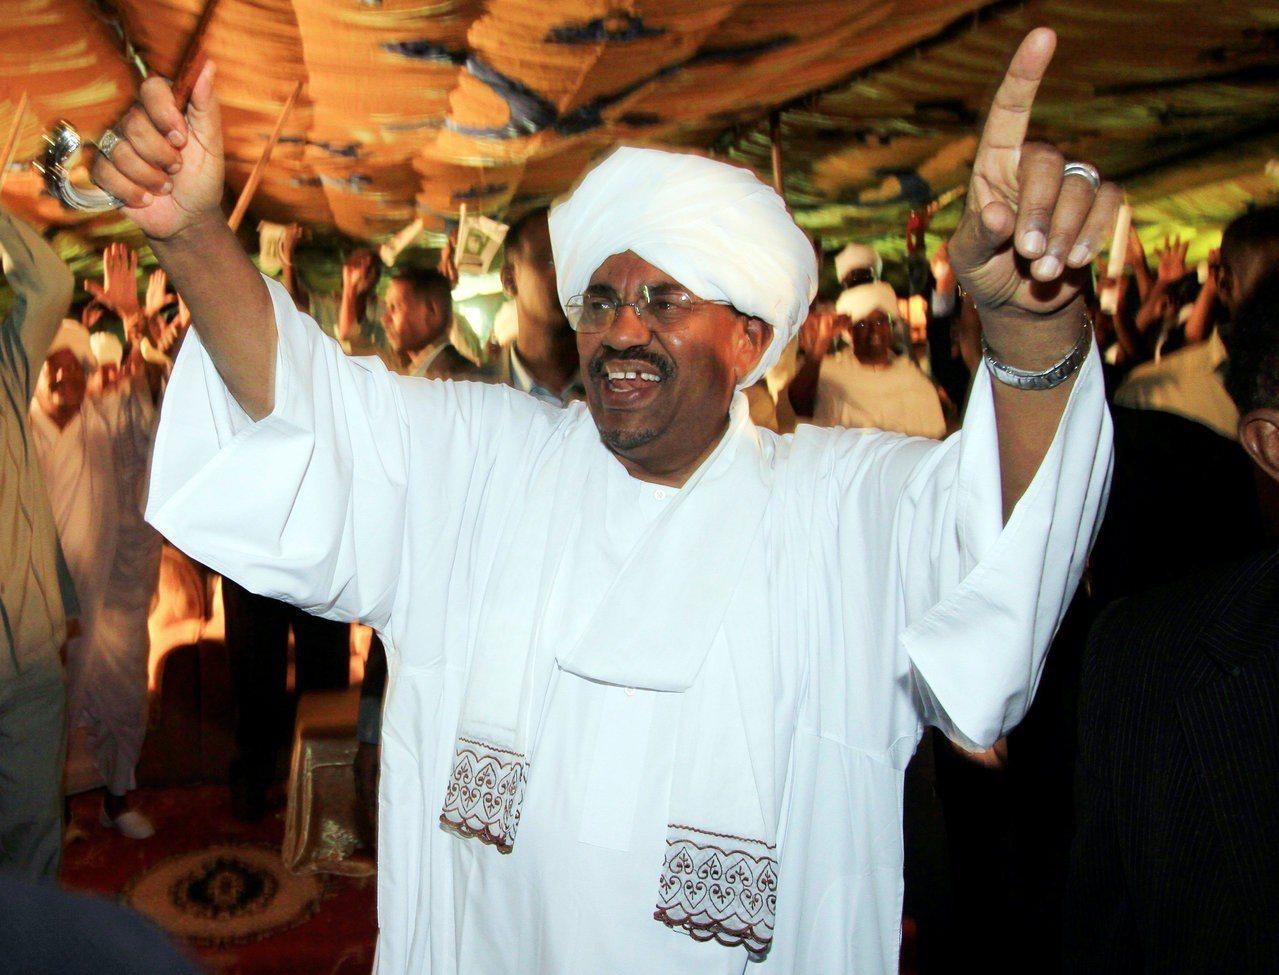 蘇丹總統巴席爾(Omar al-Bashir)已下台。 路透